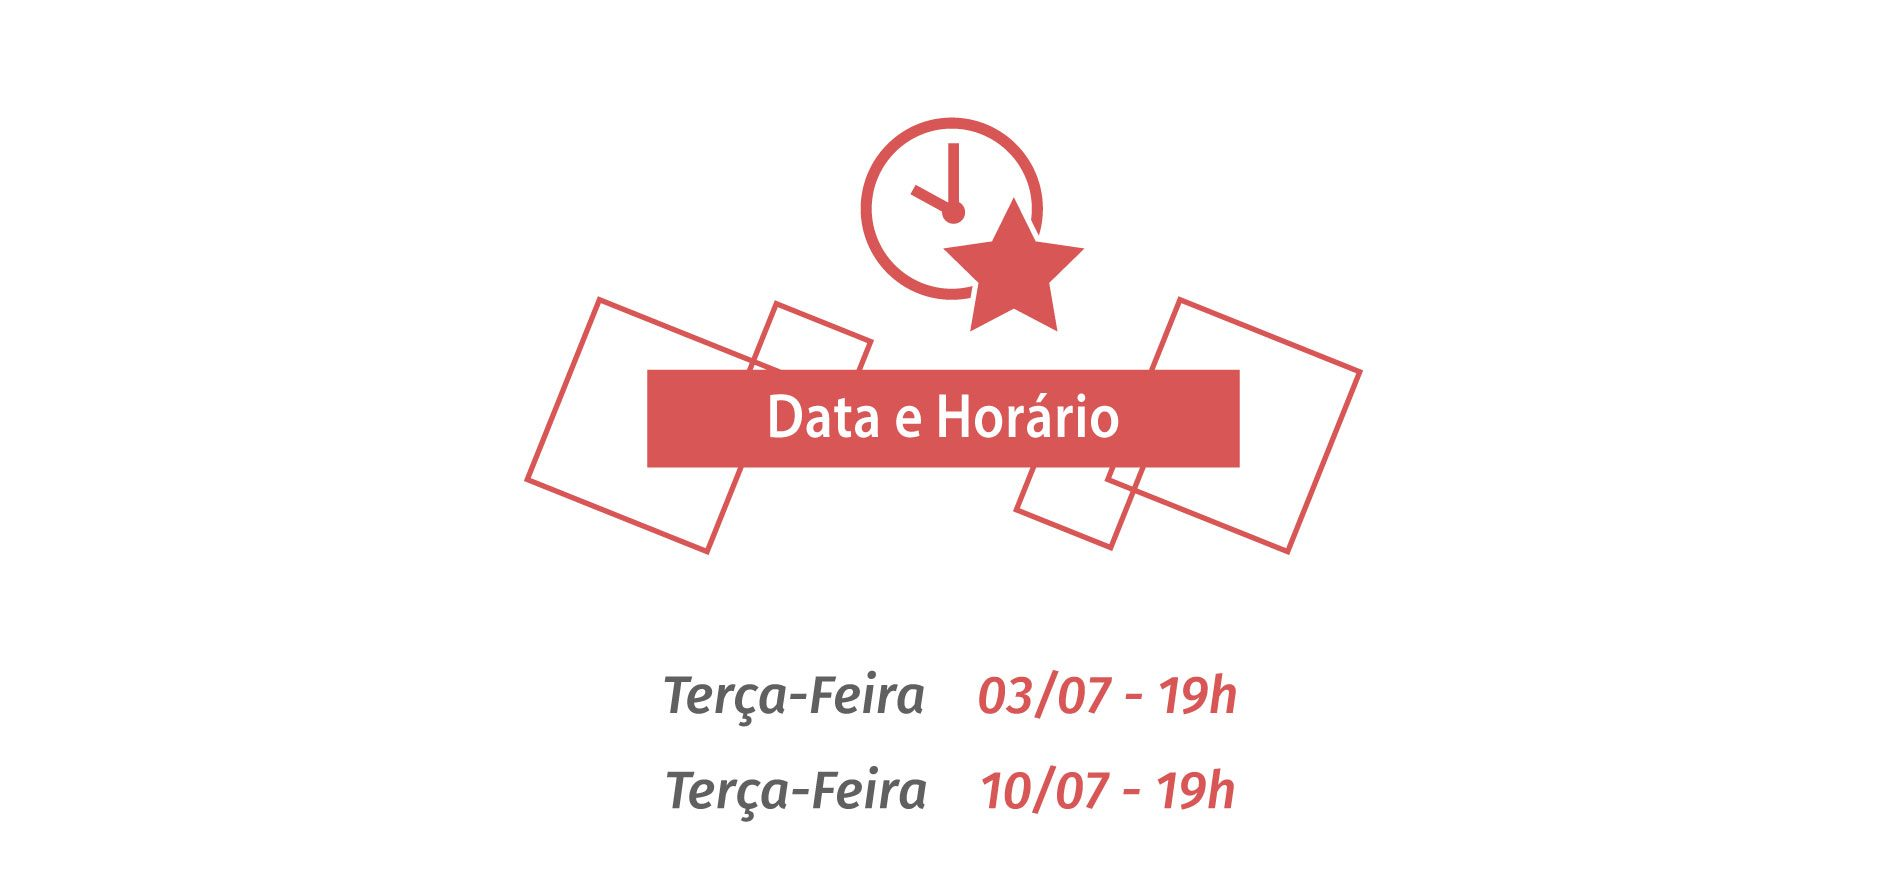 https://www.mestregp.com.br/wp-content/uploads/2018/03/Pagina-CdE-Gestão-de-Conteúdo-b-dataehora-1-1900x878.jpg